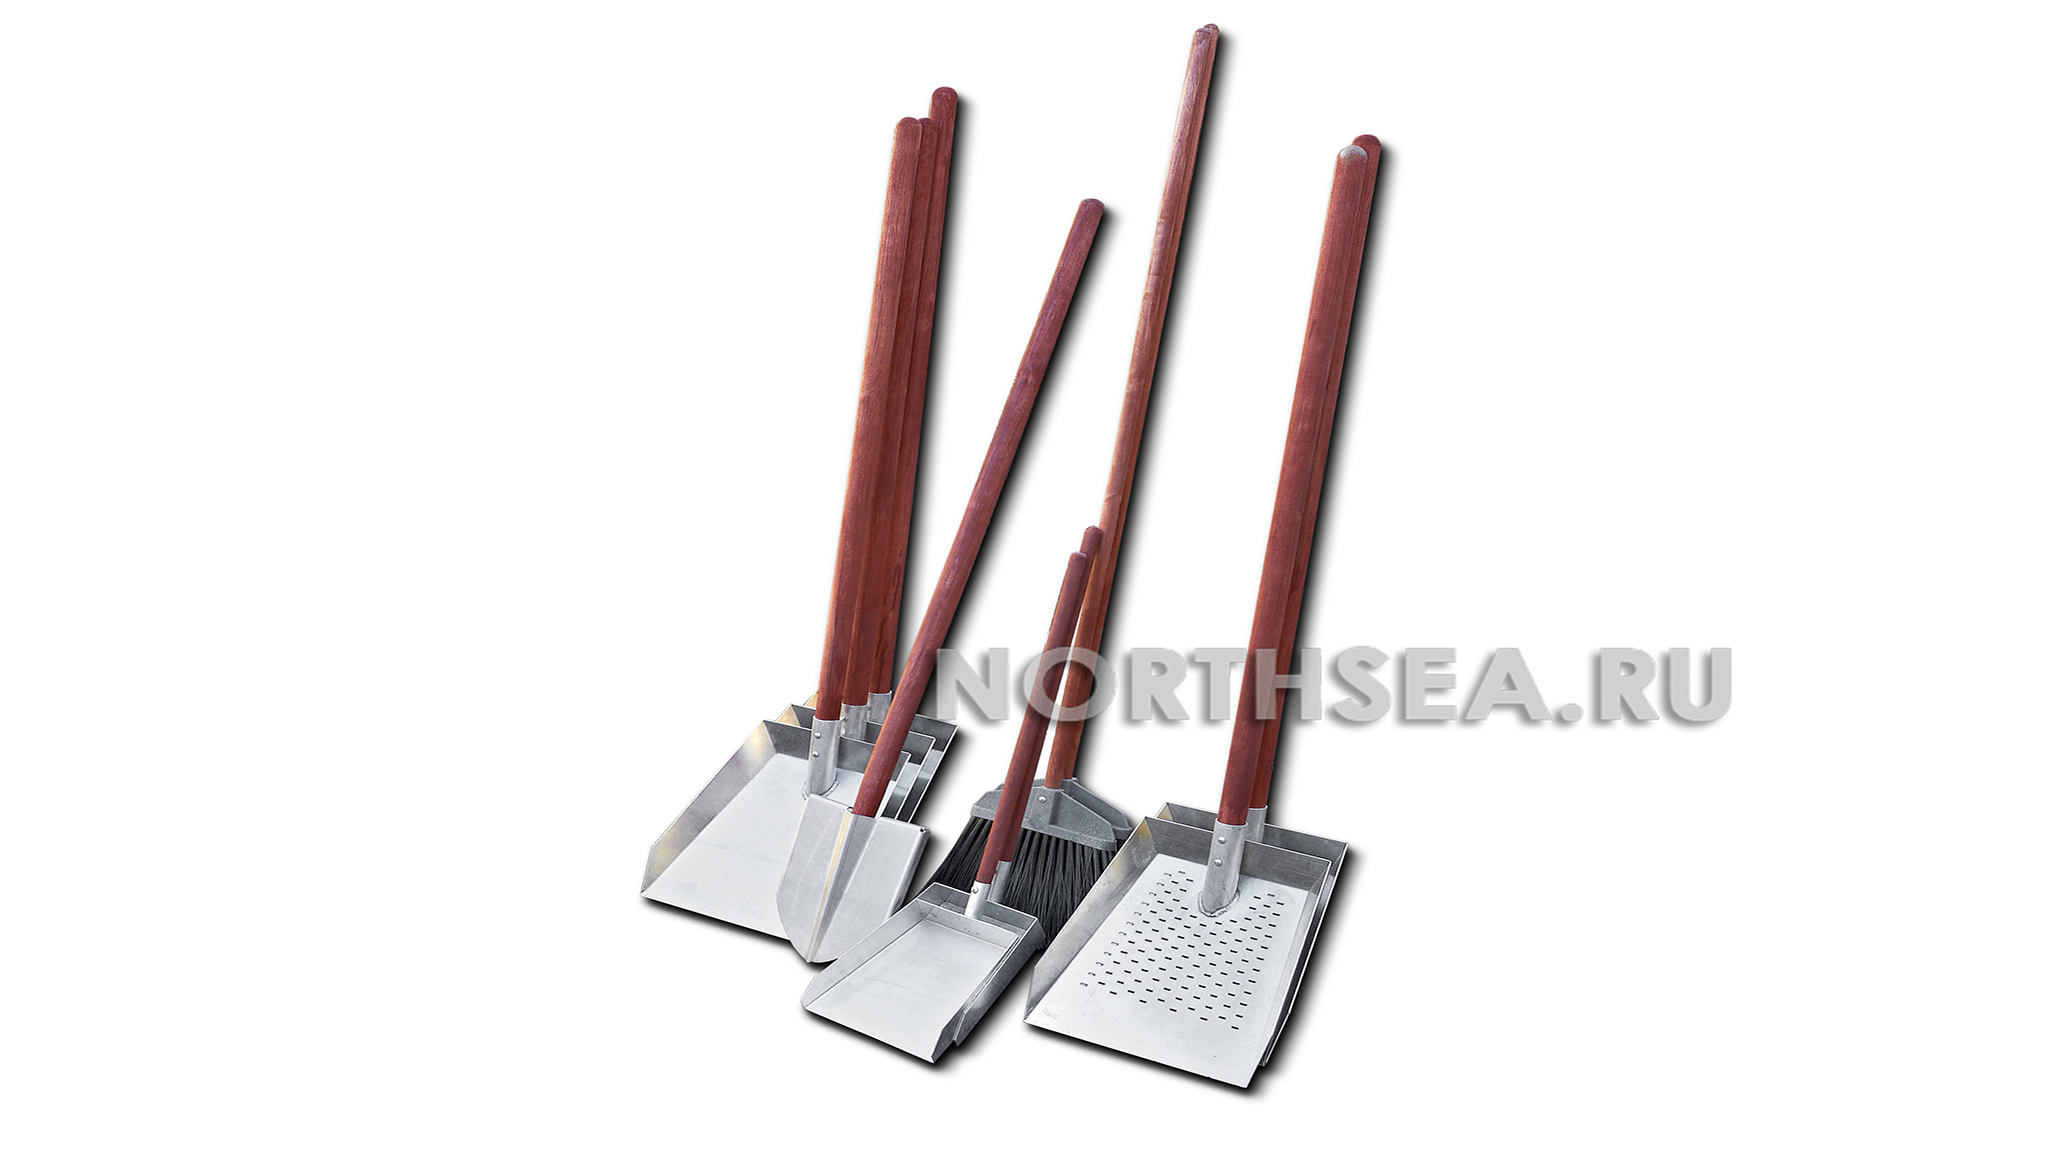 Комплект искробезопасных лопат на 6 человек